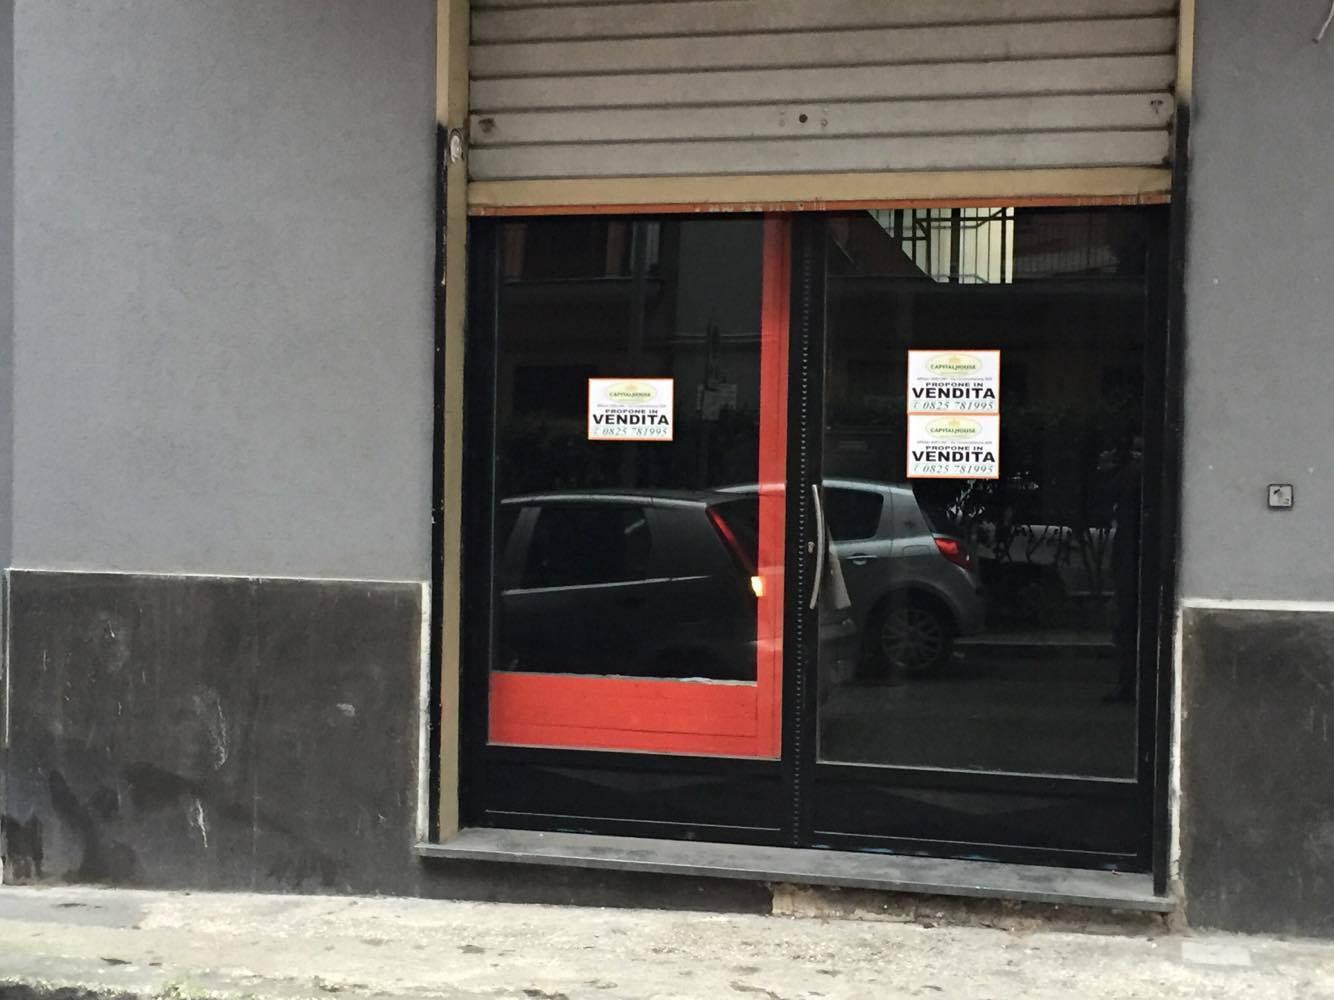 Negozio / Locale in vendita a Avellino, 9999 locali, zona Località: ViaMicheleCapozzi, prezzo € 80.000 | CambioCasa.it